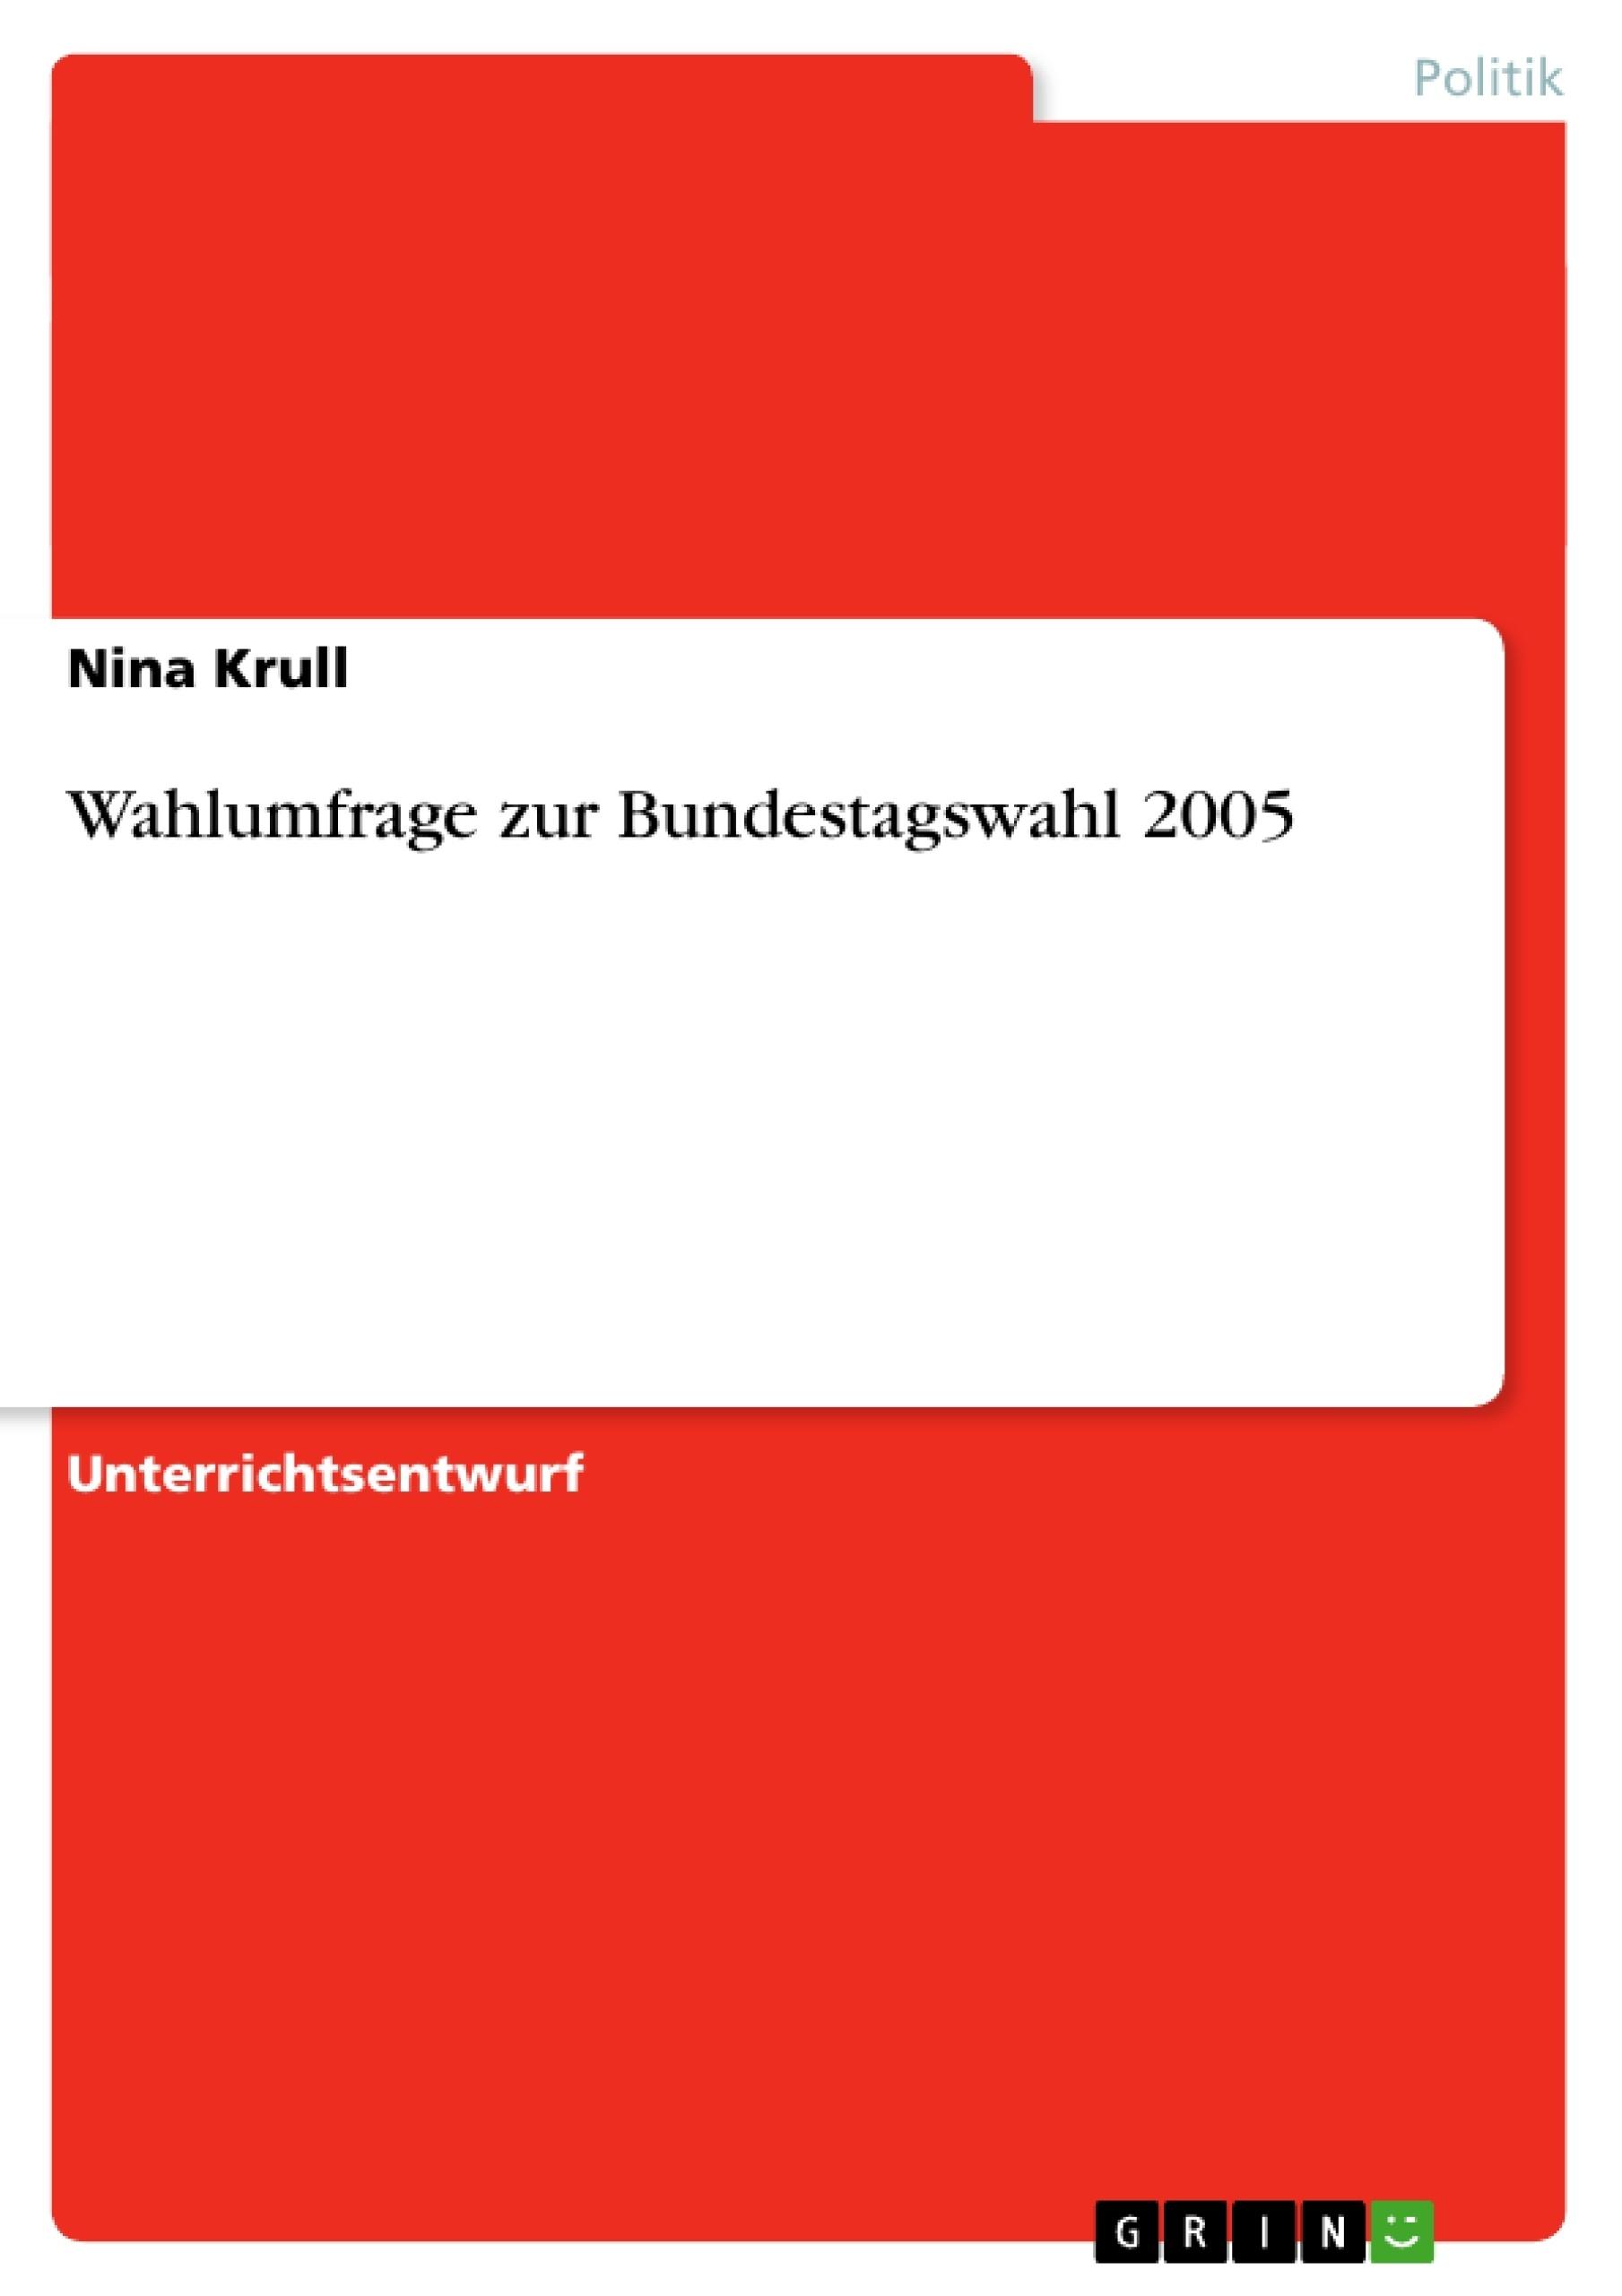 Titel: Wahlumfrage zur Bundestagswahl 2005